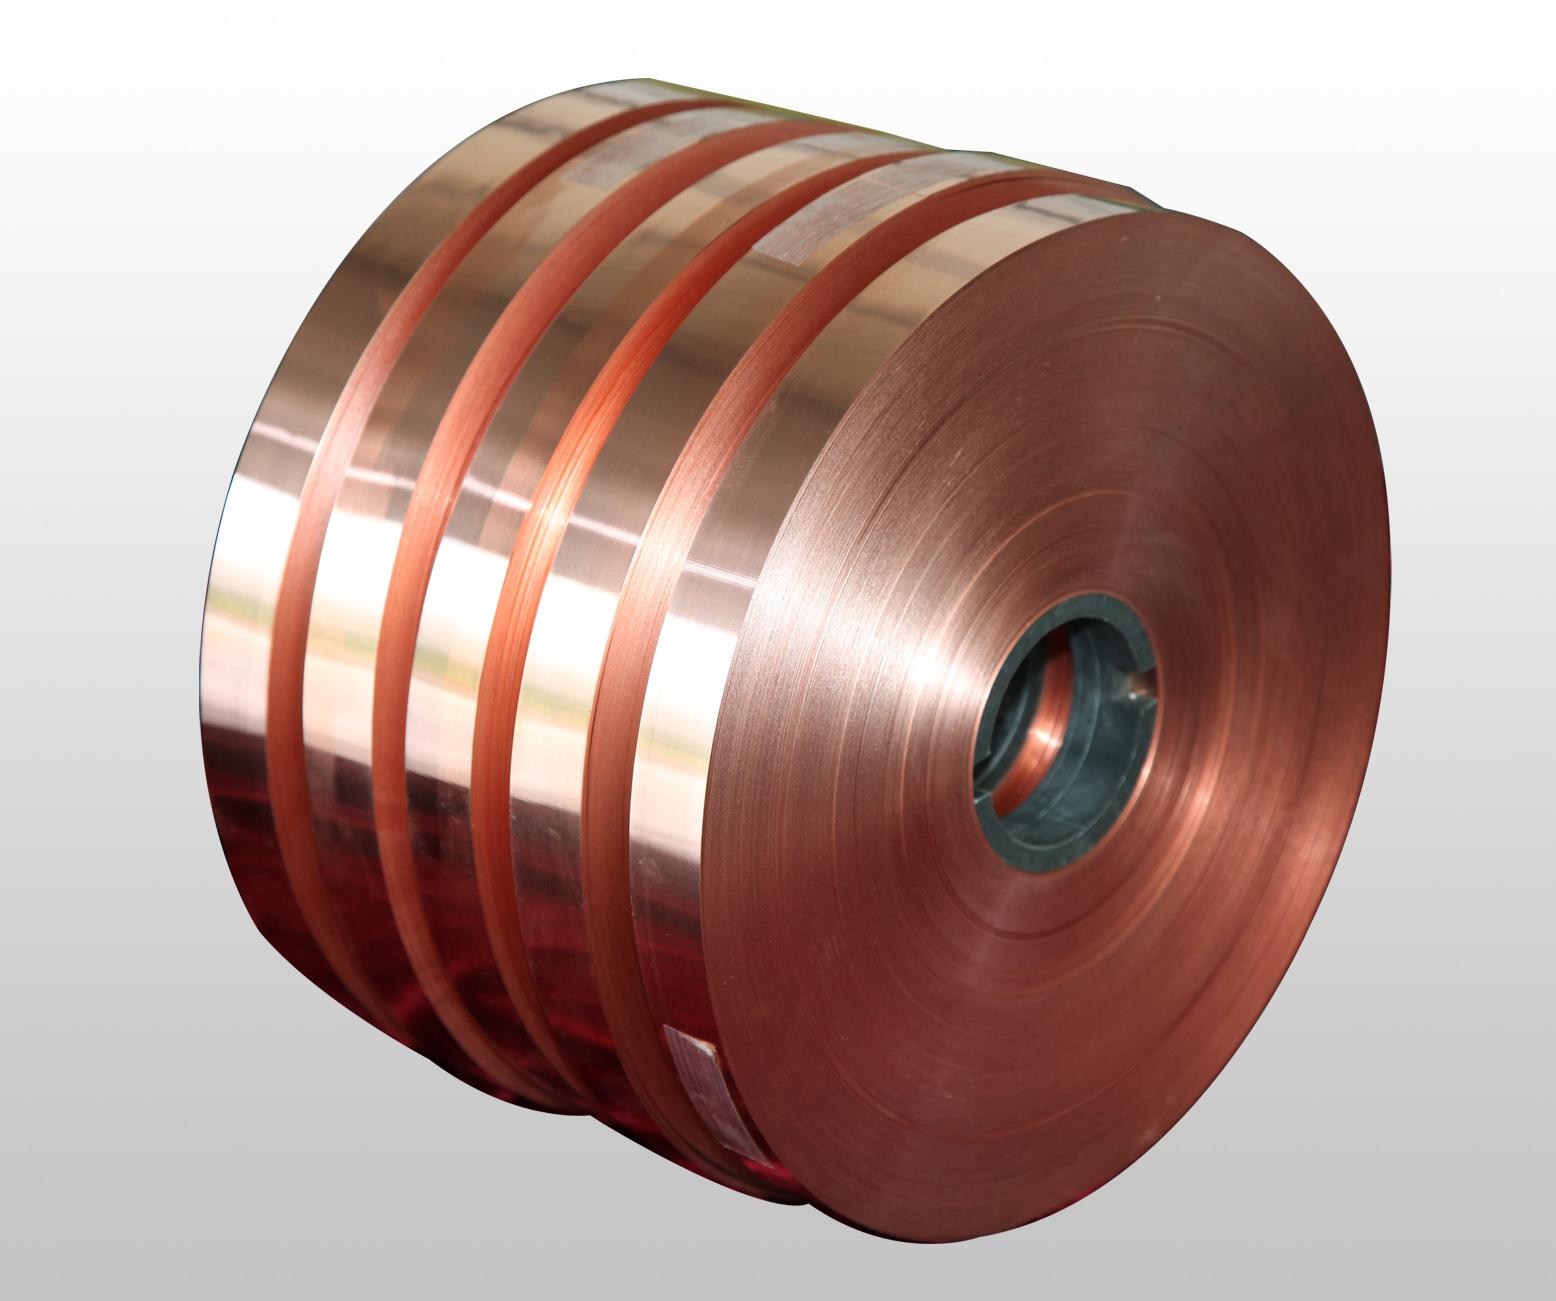 【还有谁?】南京防静电地板工程当然要用艾飞敏防静电地板铜箔